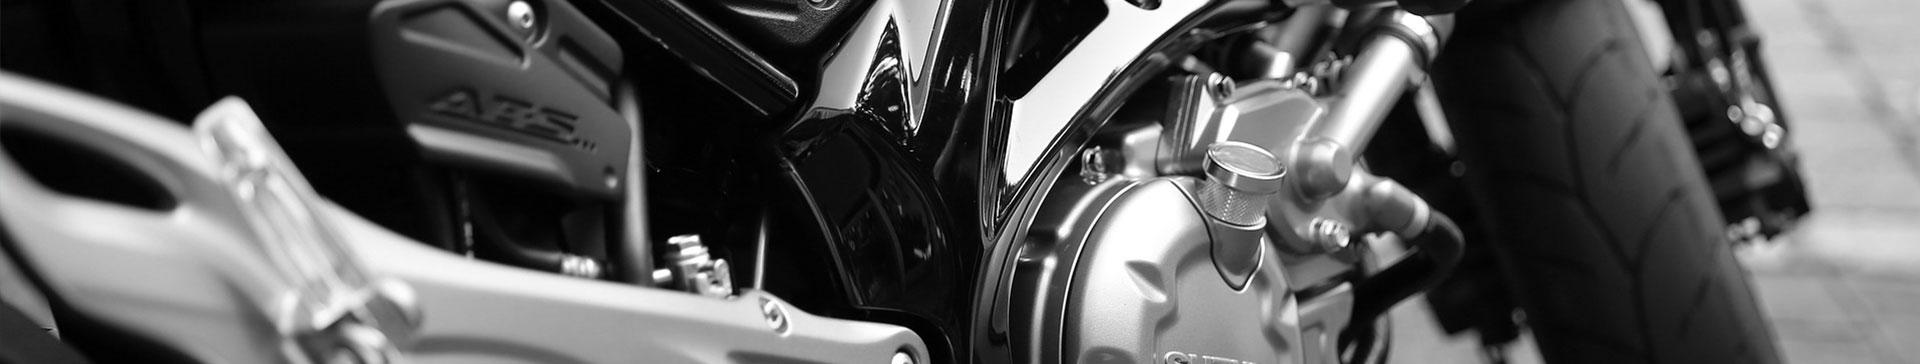 Een motor met een motorverzekering